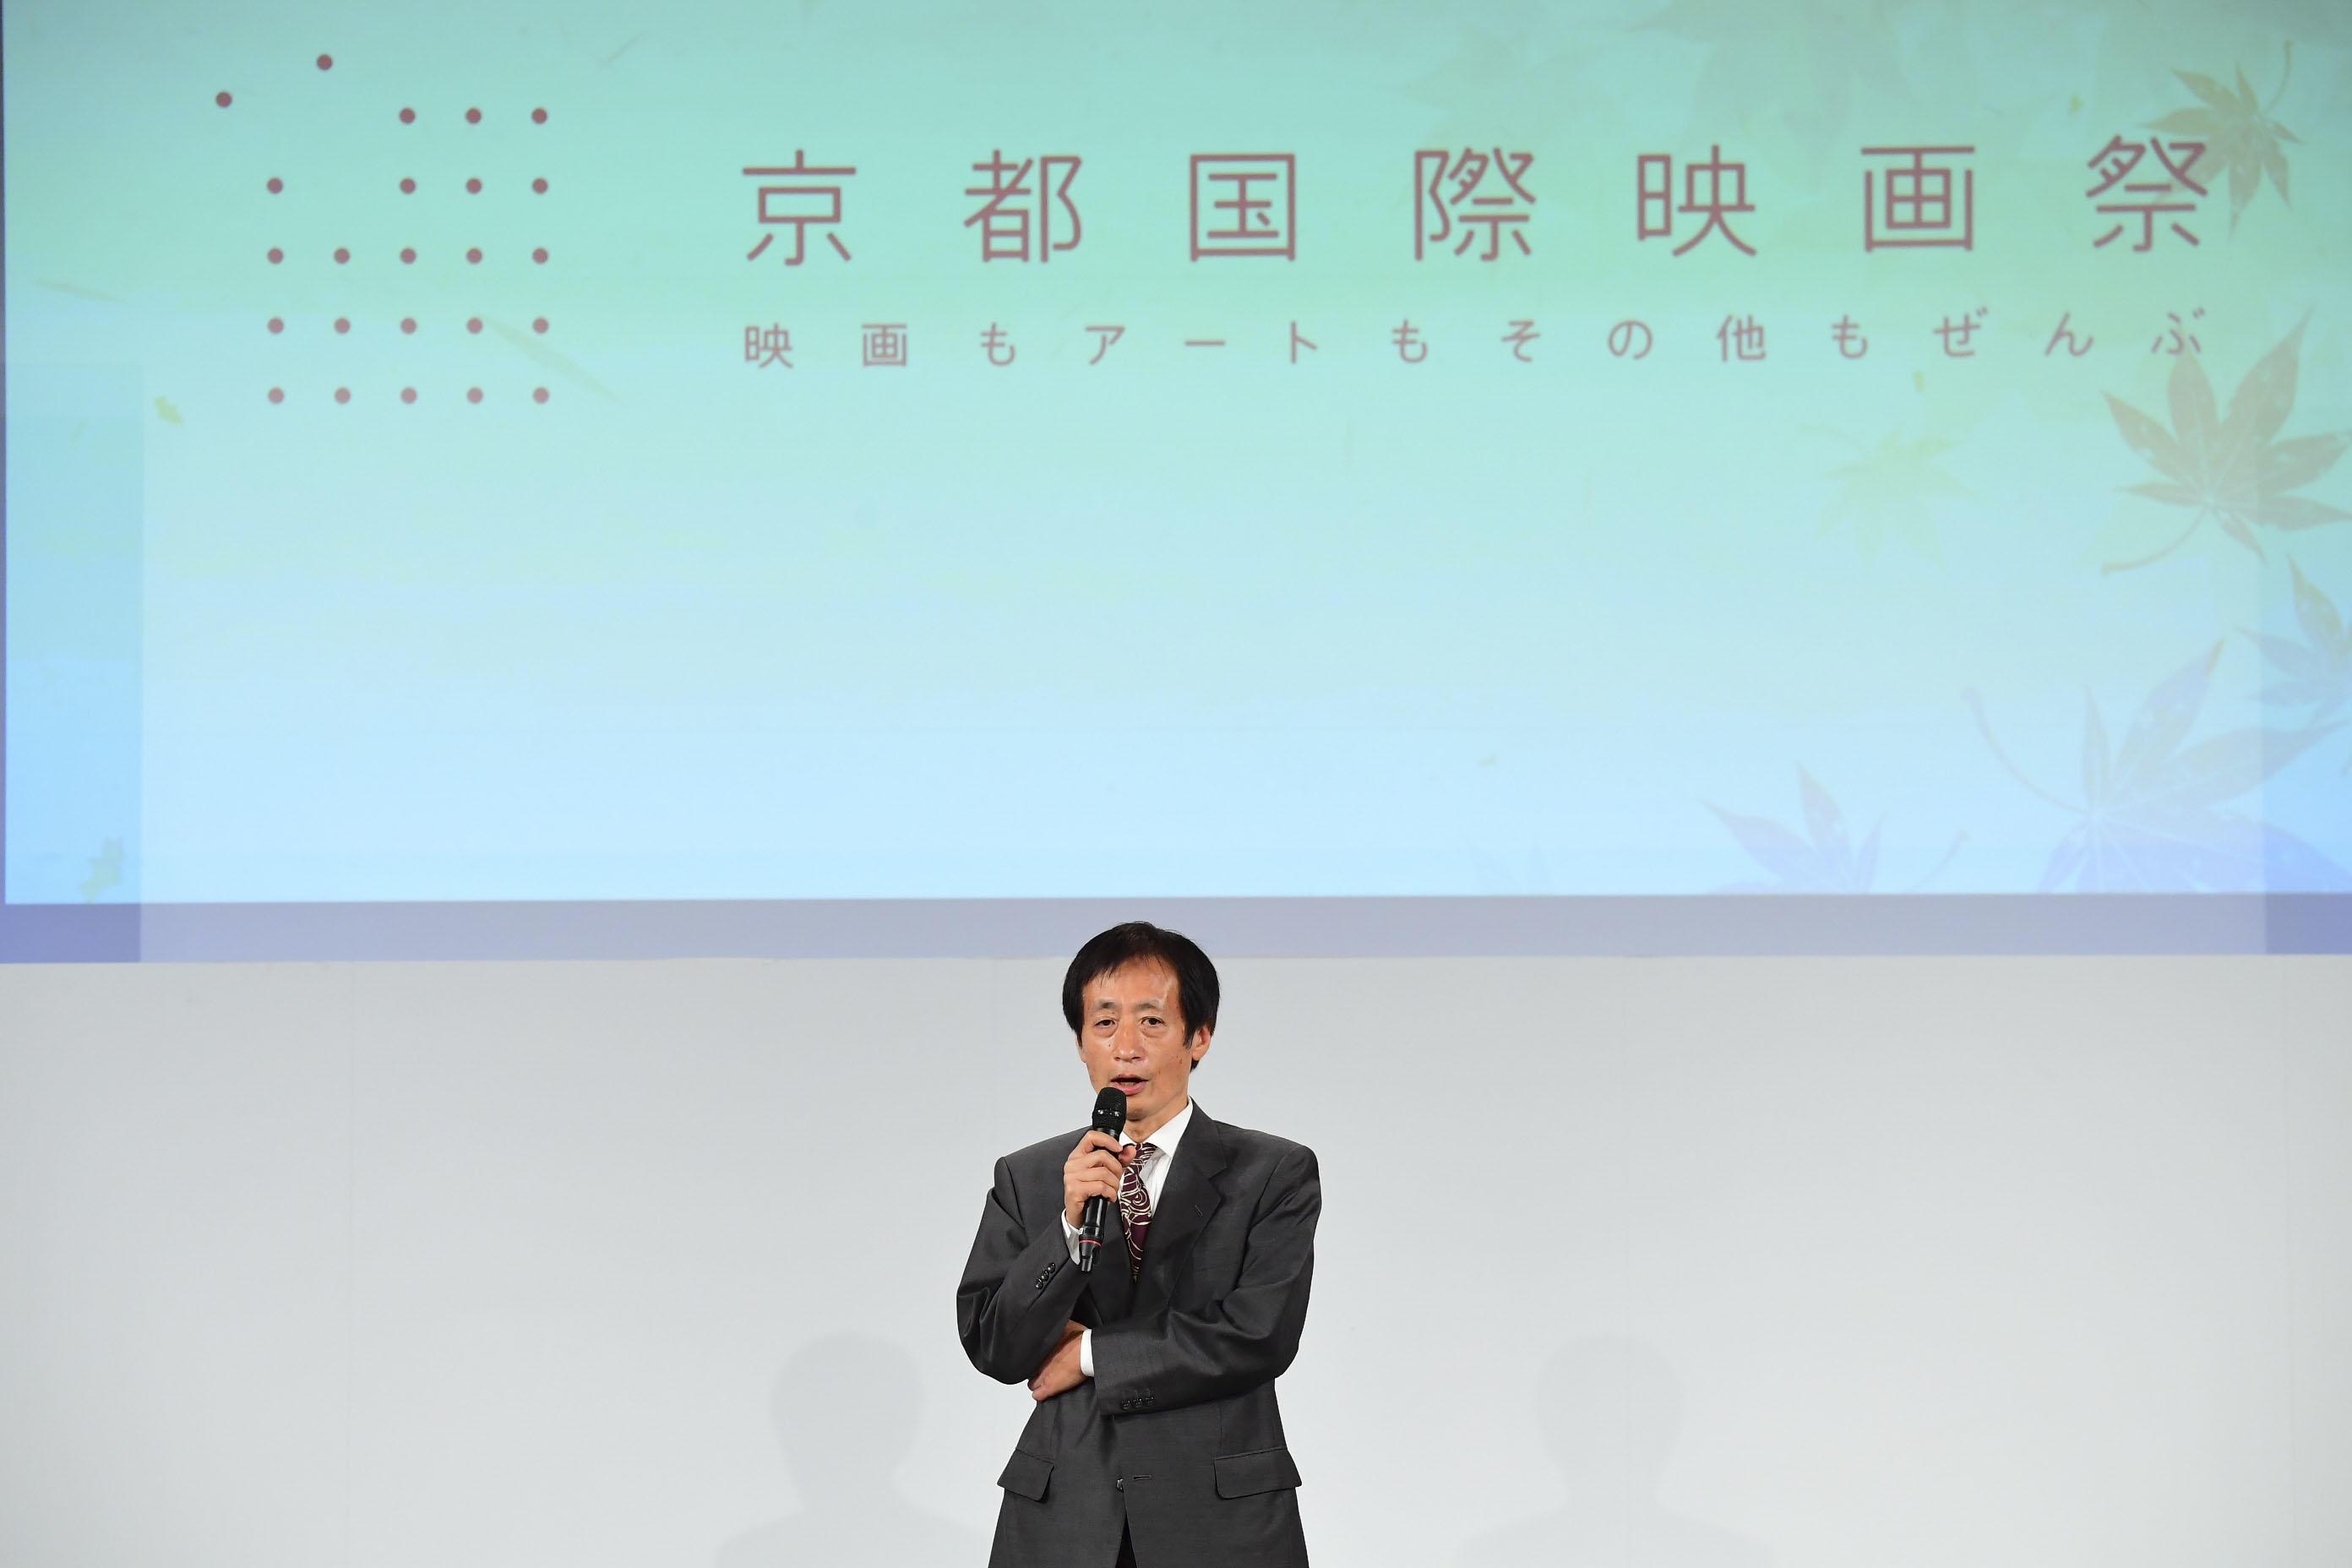 http://news.yoshimoto.co.jp/20170907002320-d701e8751dcba06b347d87e2f7eec328117387d7.jpg